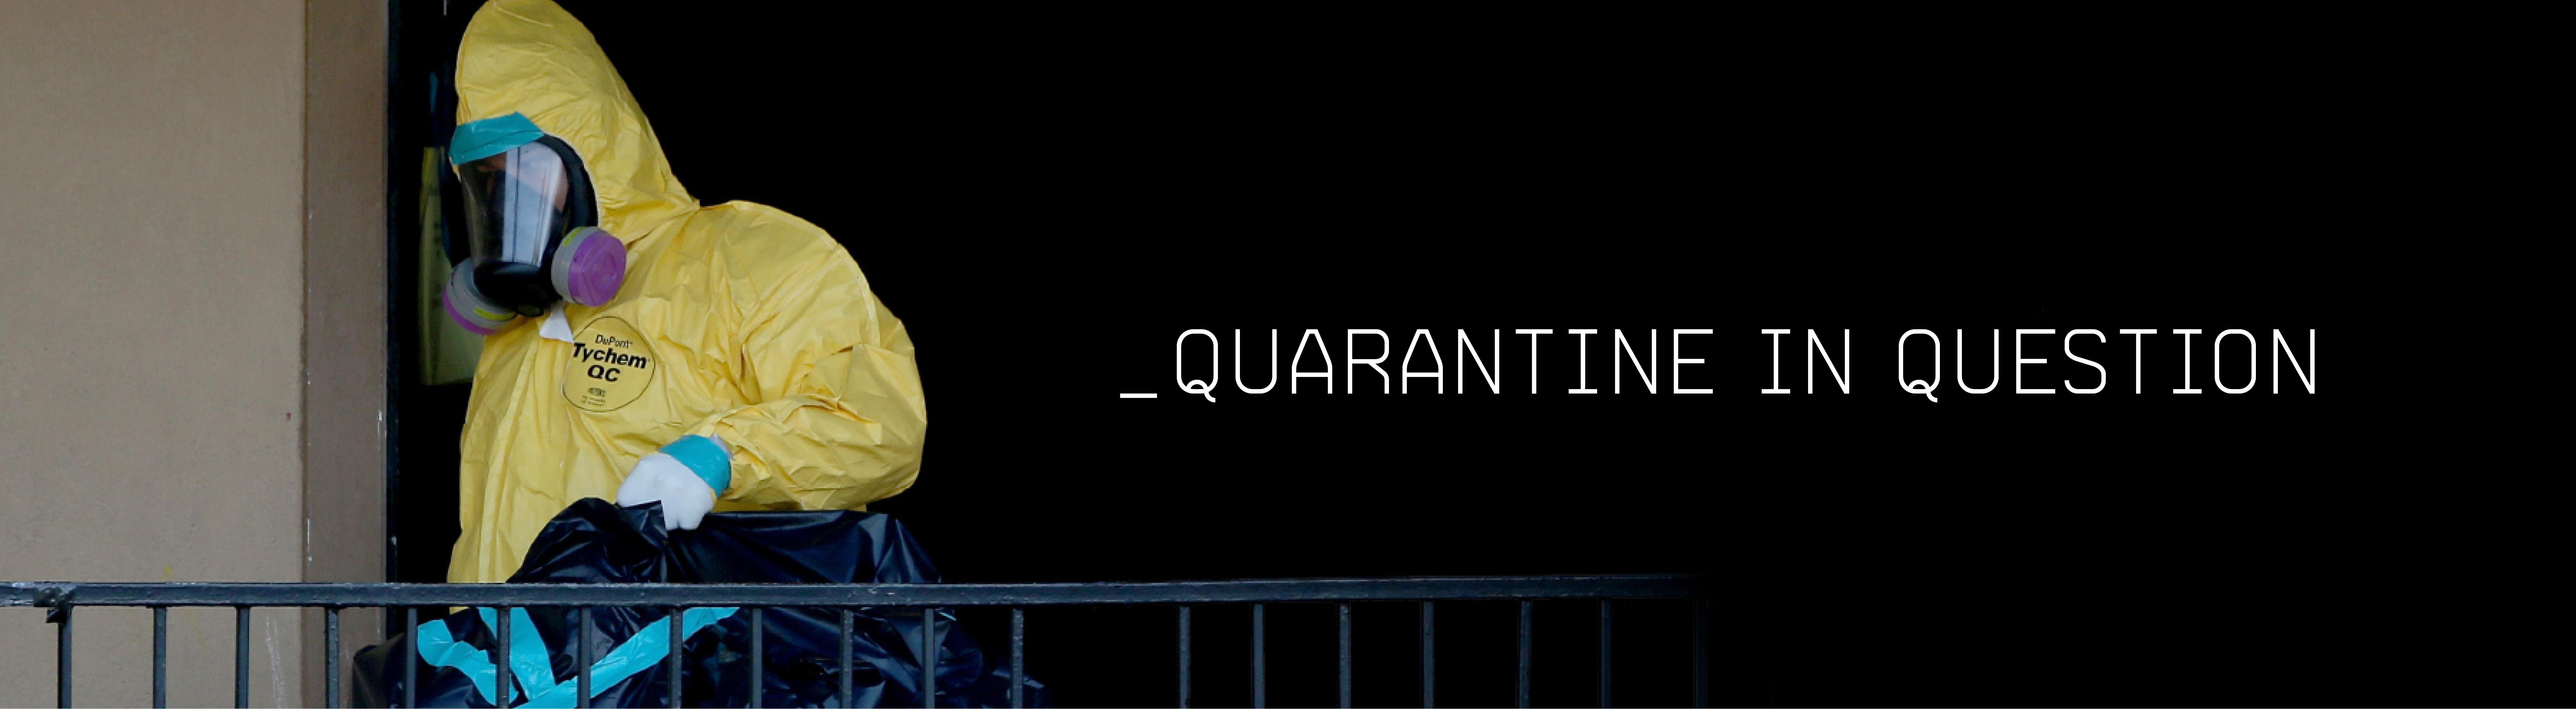 Quarantine in Question